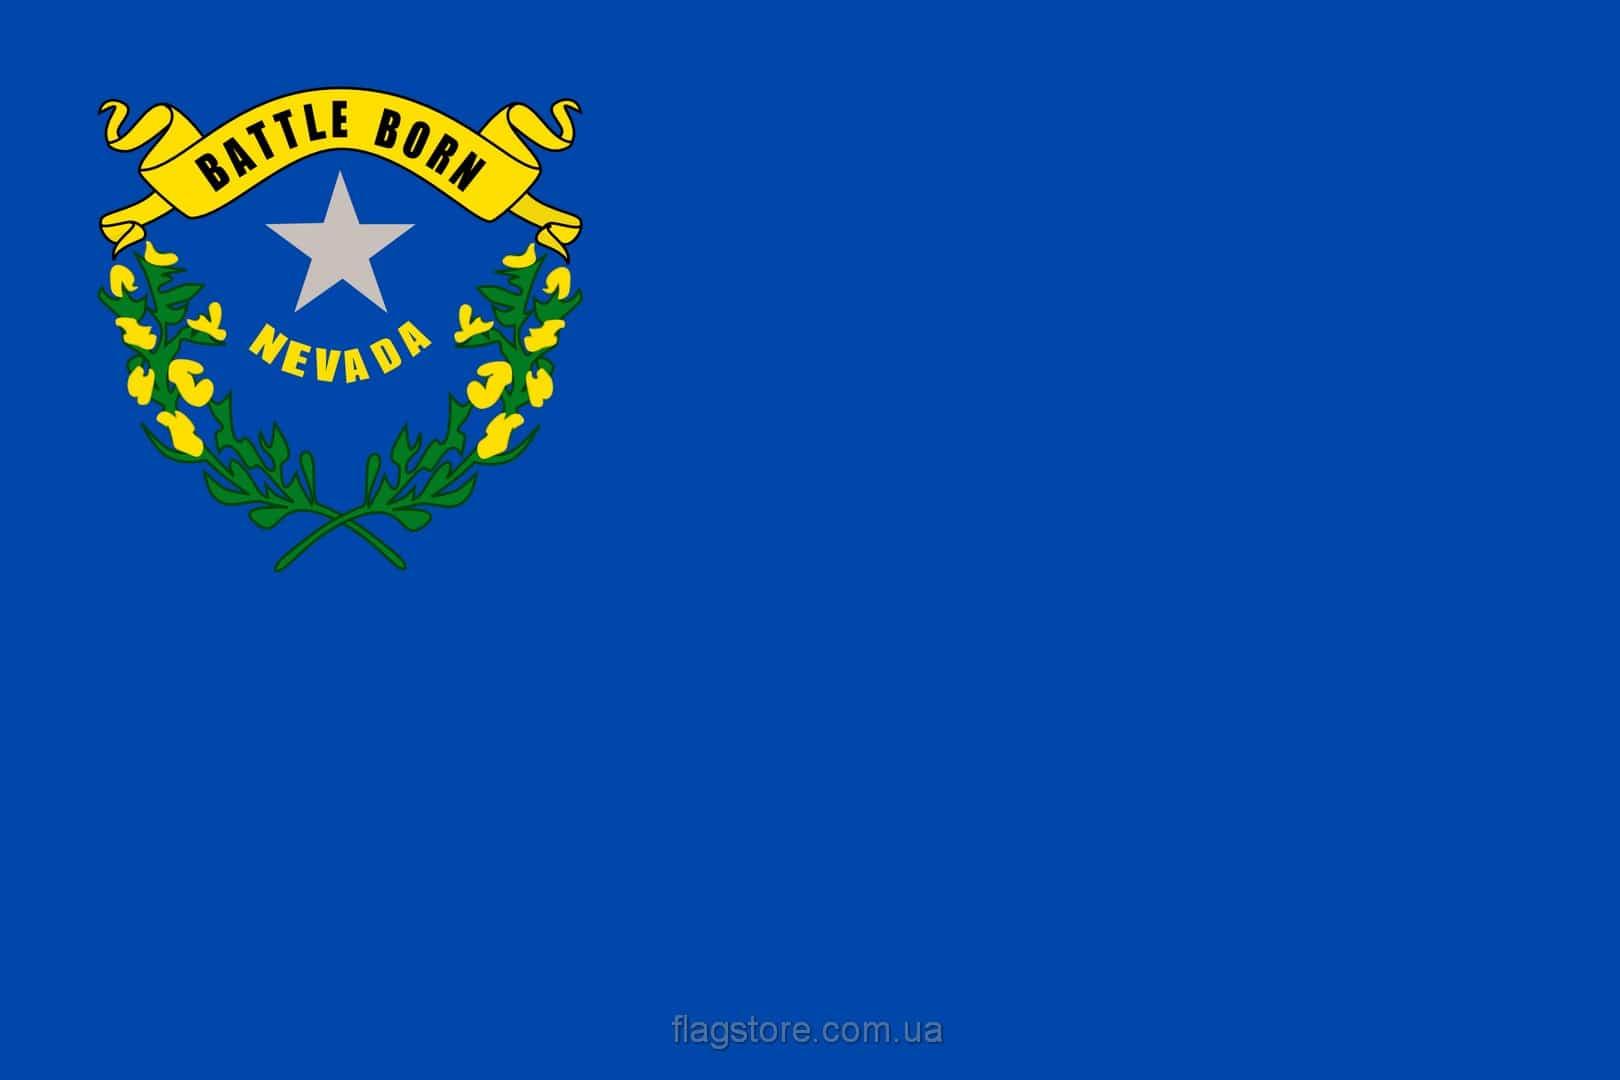 Купить флаг Невады (штата Невада)